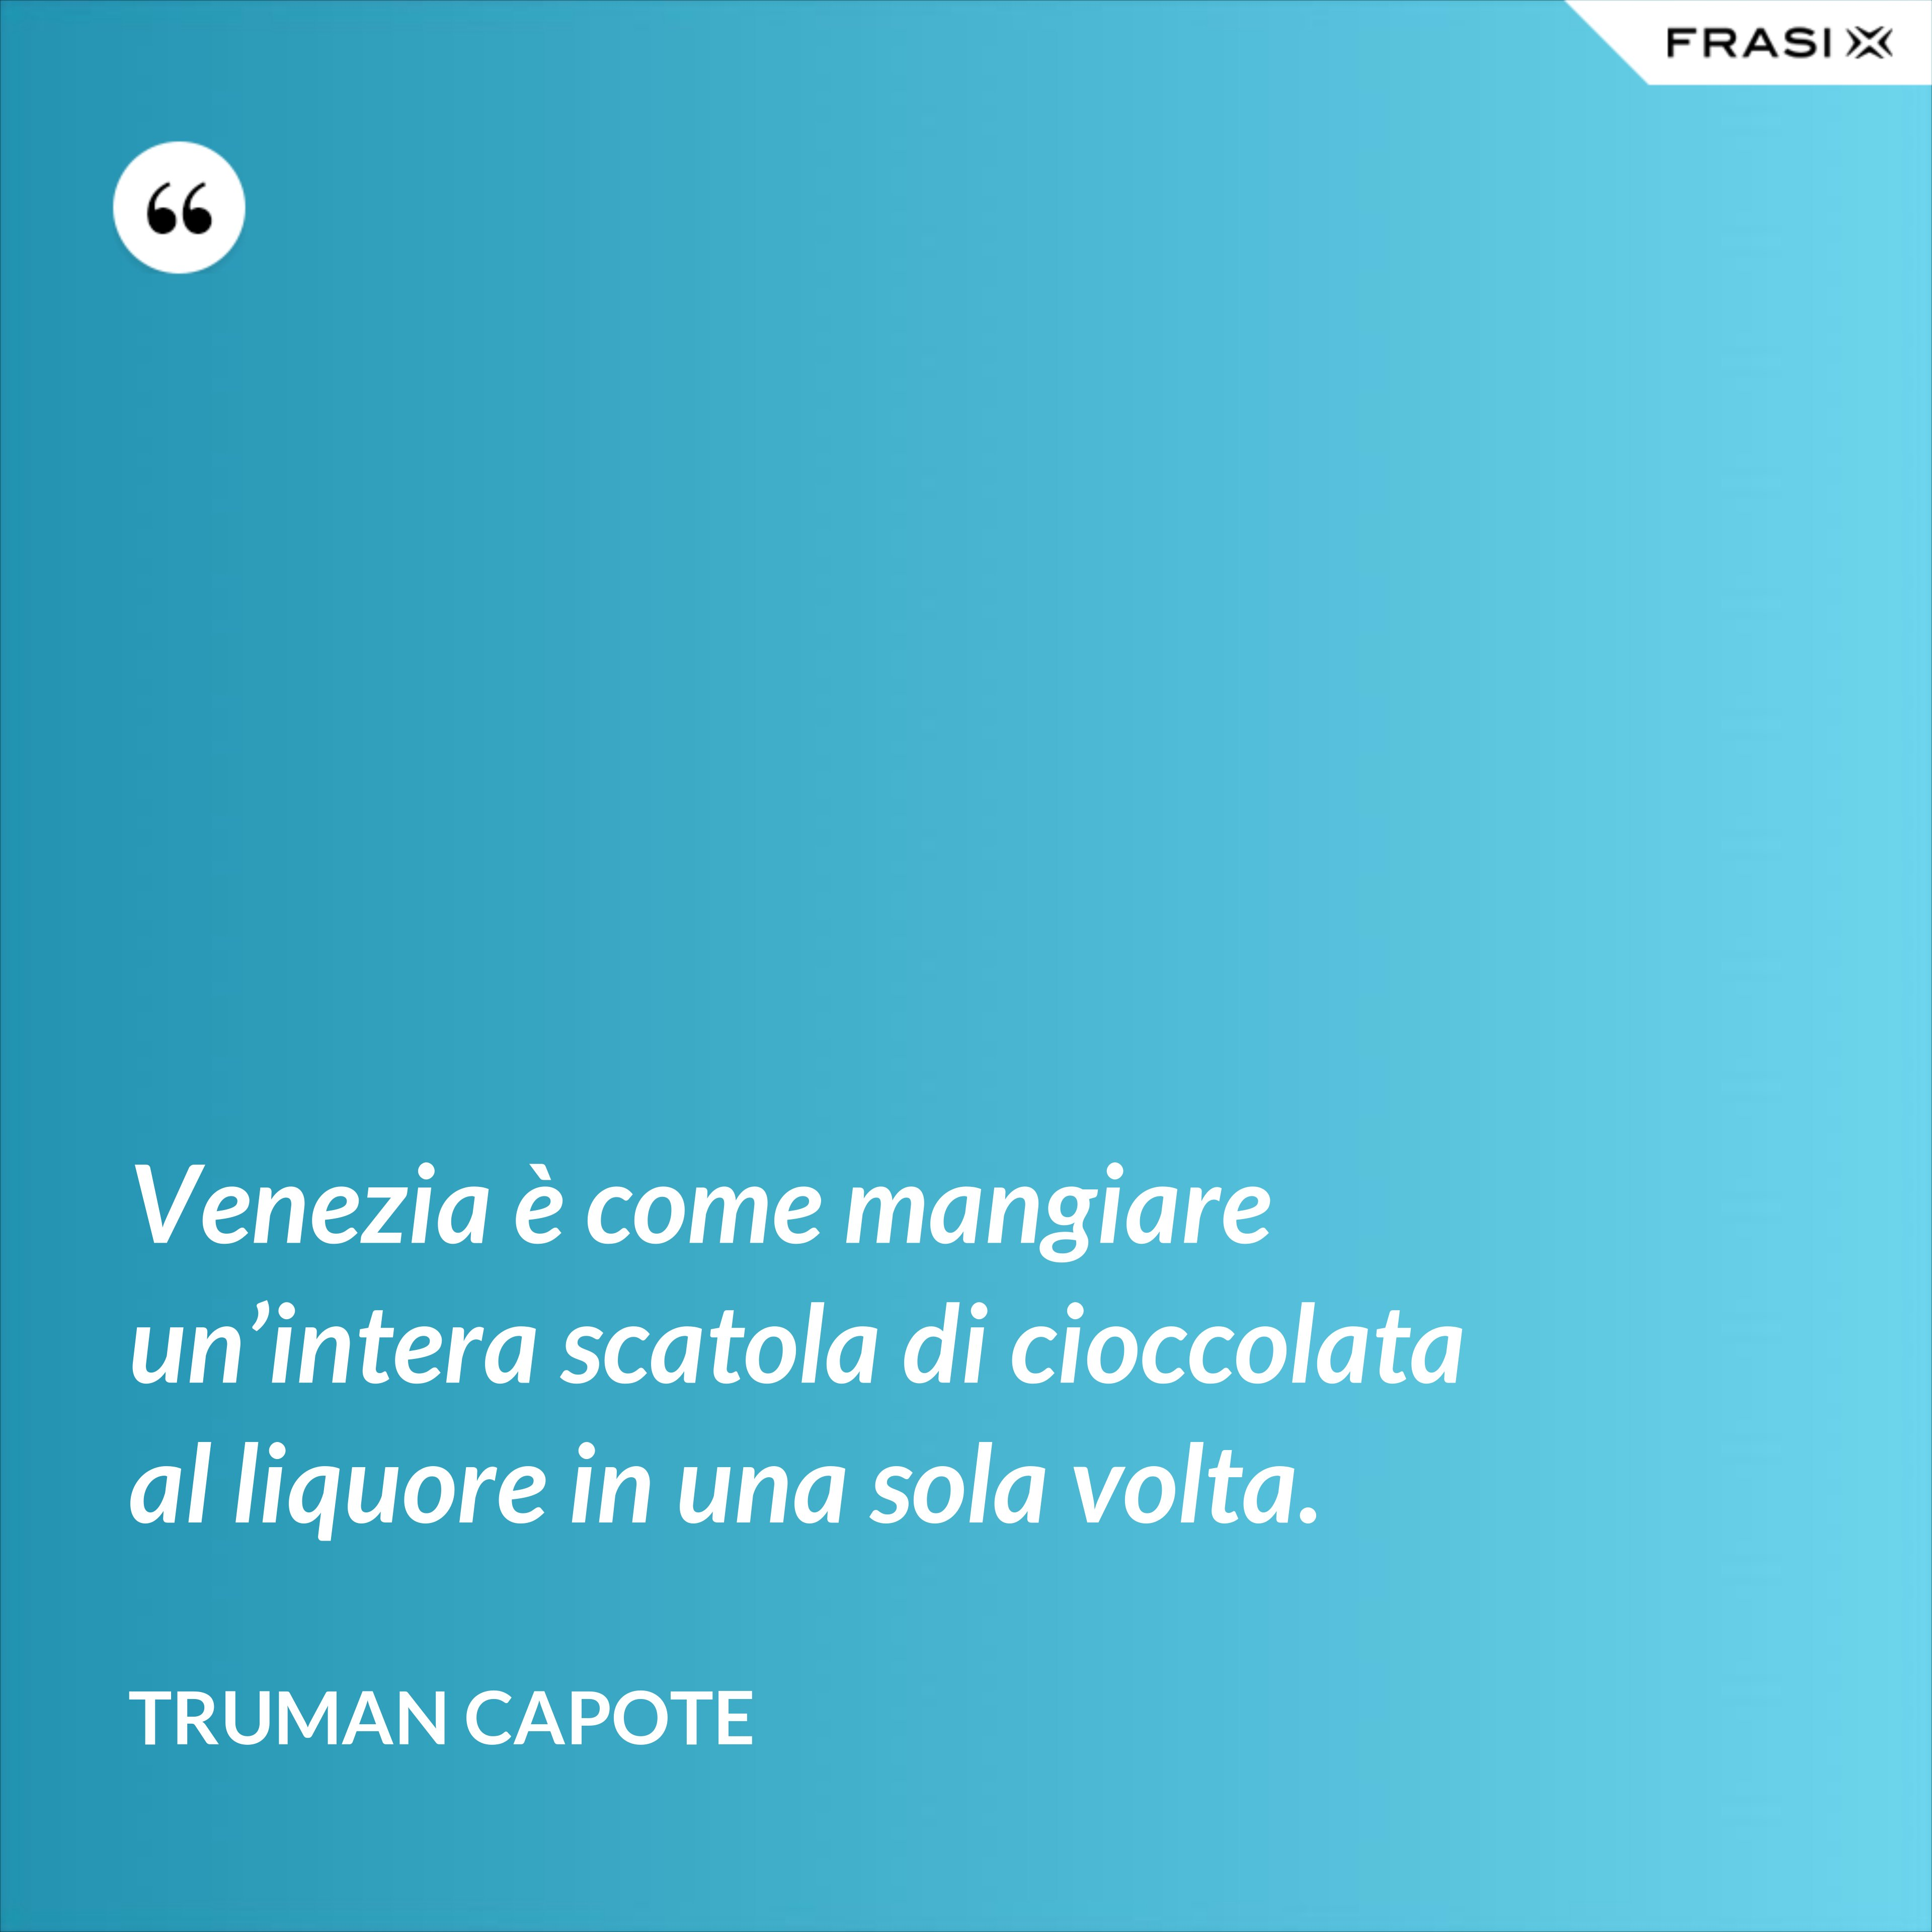 Venezia è come mangiare un'intera scatola di cioccolata al liquore in una sola volta. - Truman Capote